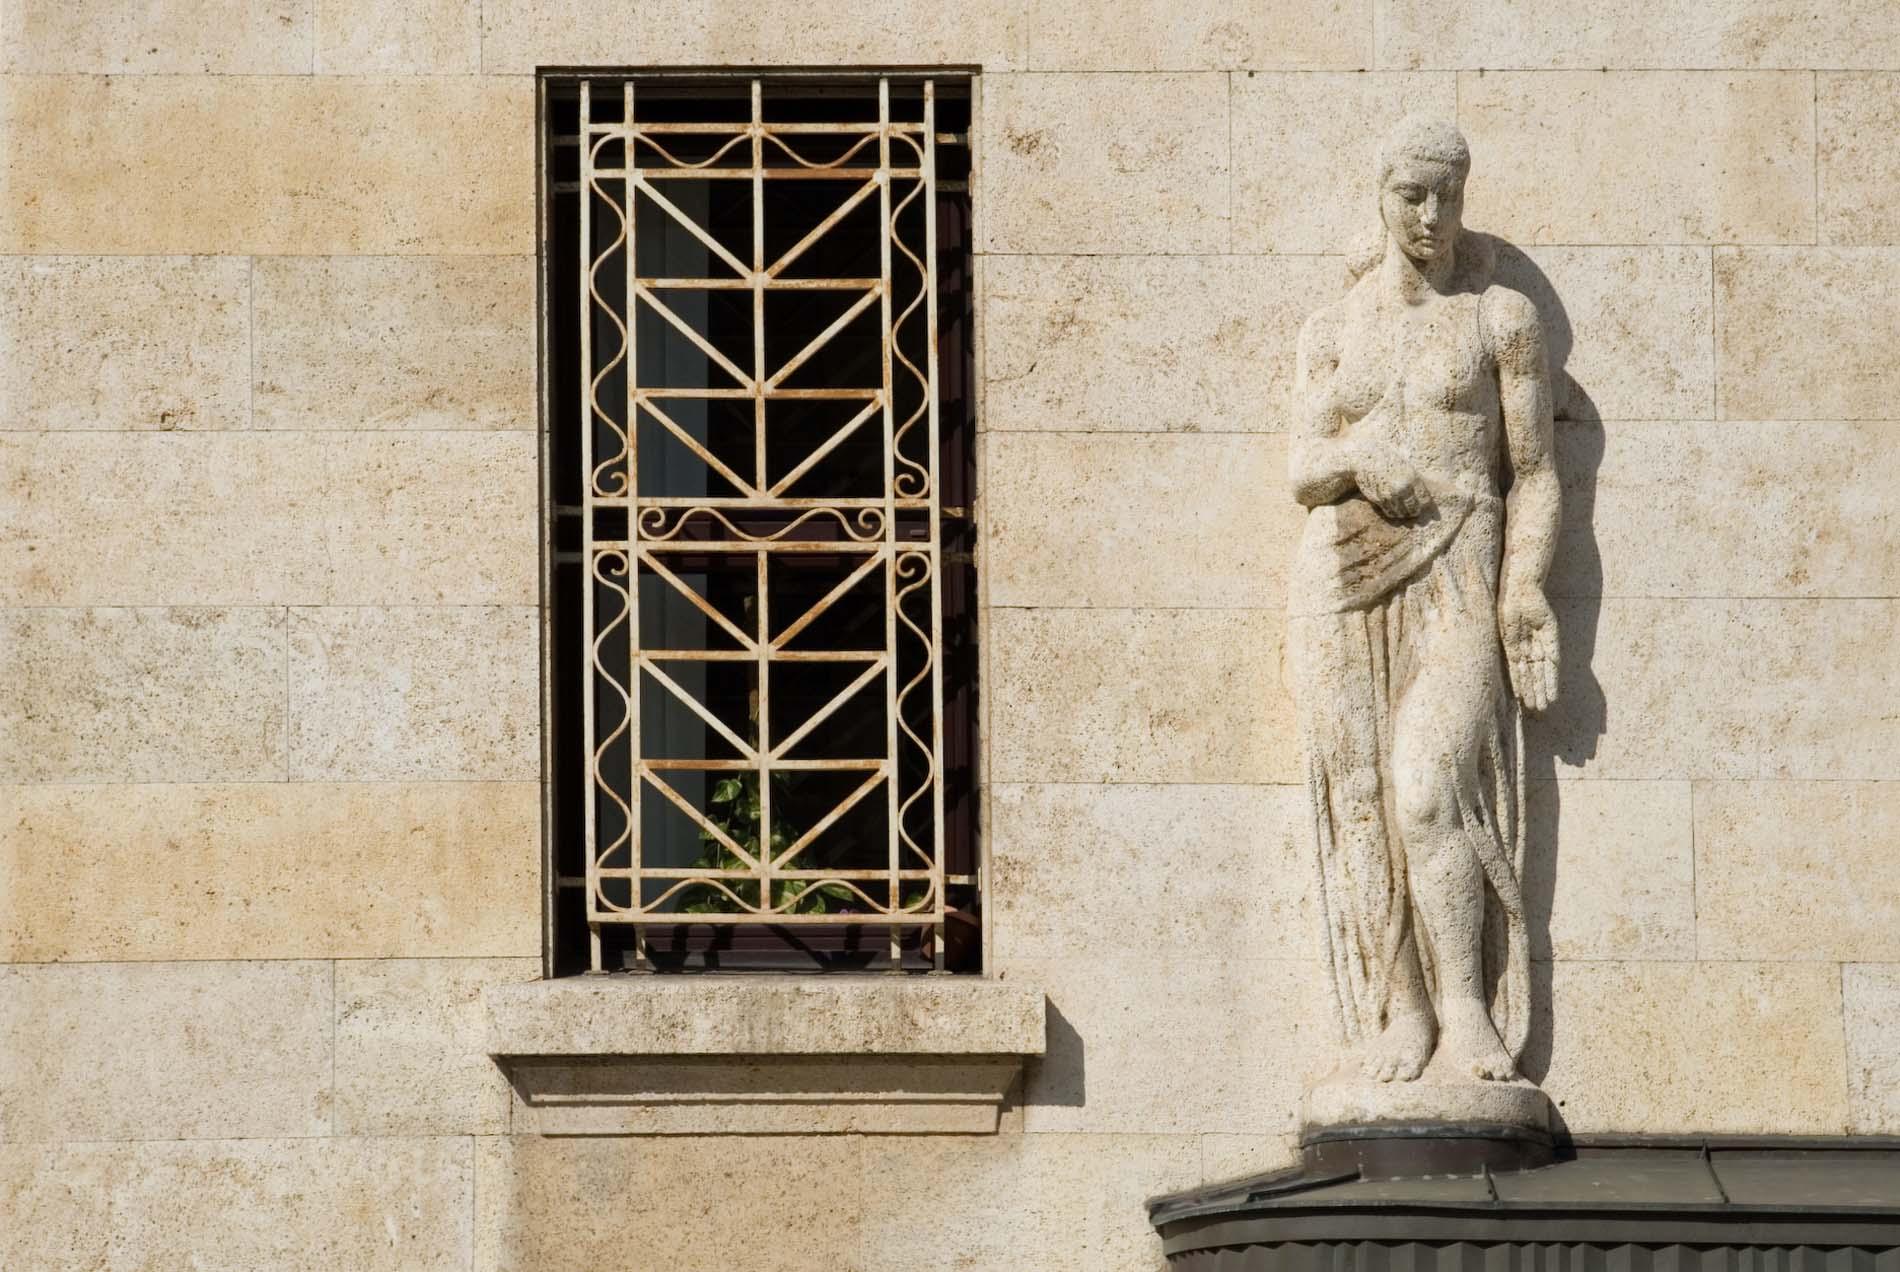 Vornehm. In der Cankarjeva Straße in der Nähe des Tivoli Park zwischen Oper und Nationalgalerie befindet sich das Center of Excellence in Finance (CEF). In diesem Quartier befinden sich zahlreiche repräsentative Pompbauten der Jahrhundertwendezeit vom 19. zum 20. Jahrhundert.